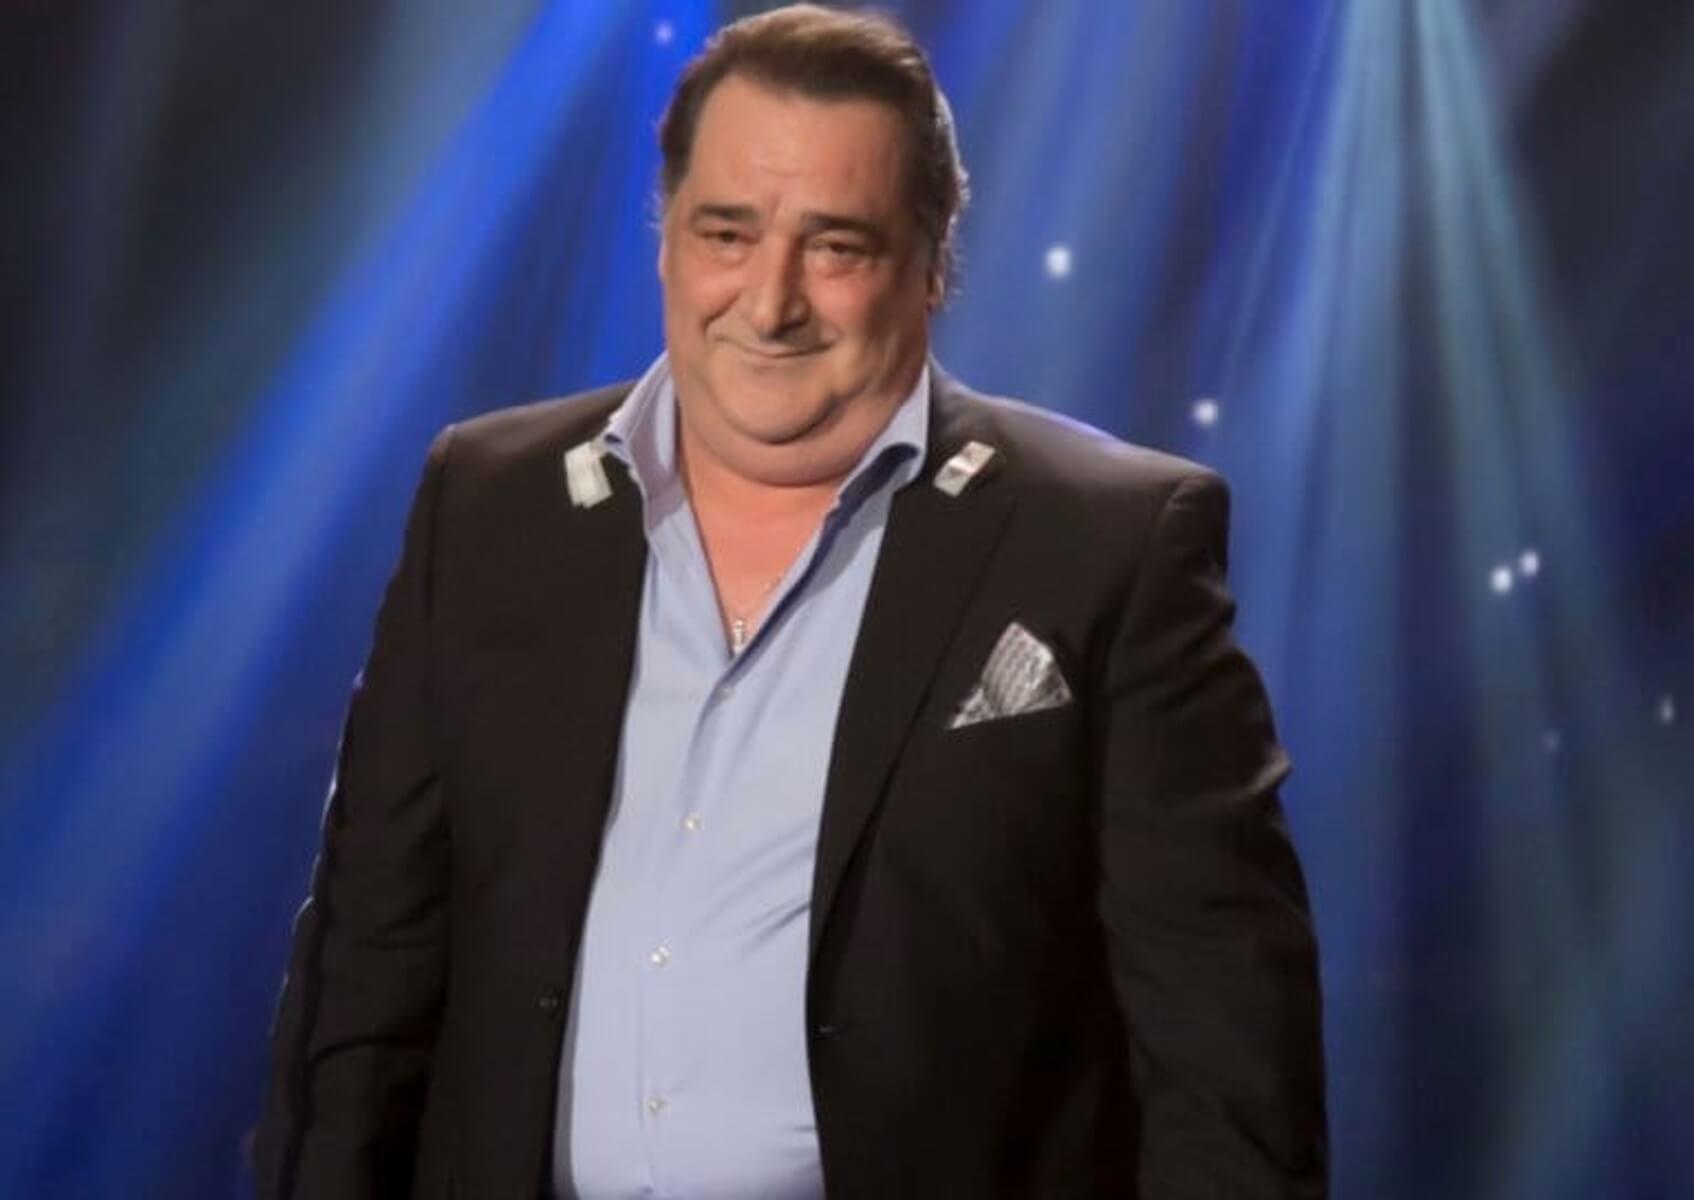 Βασίλης Καρράς: Αναβάλλεται η διαδικτυακή συναυλία λόγω ασθένειας του τραγουδιστή